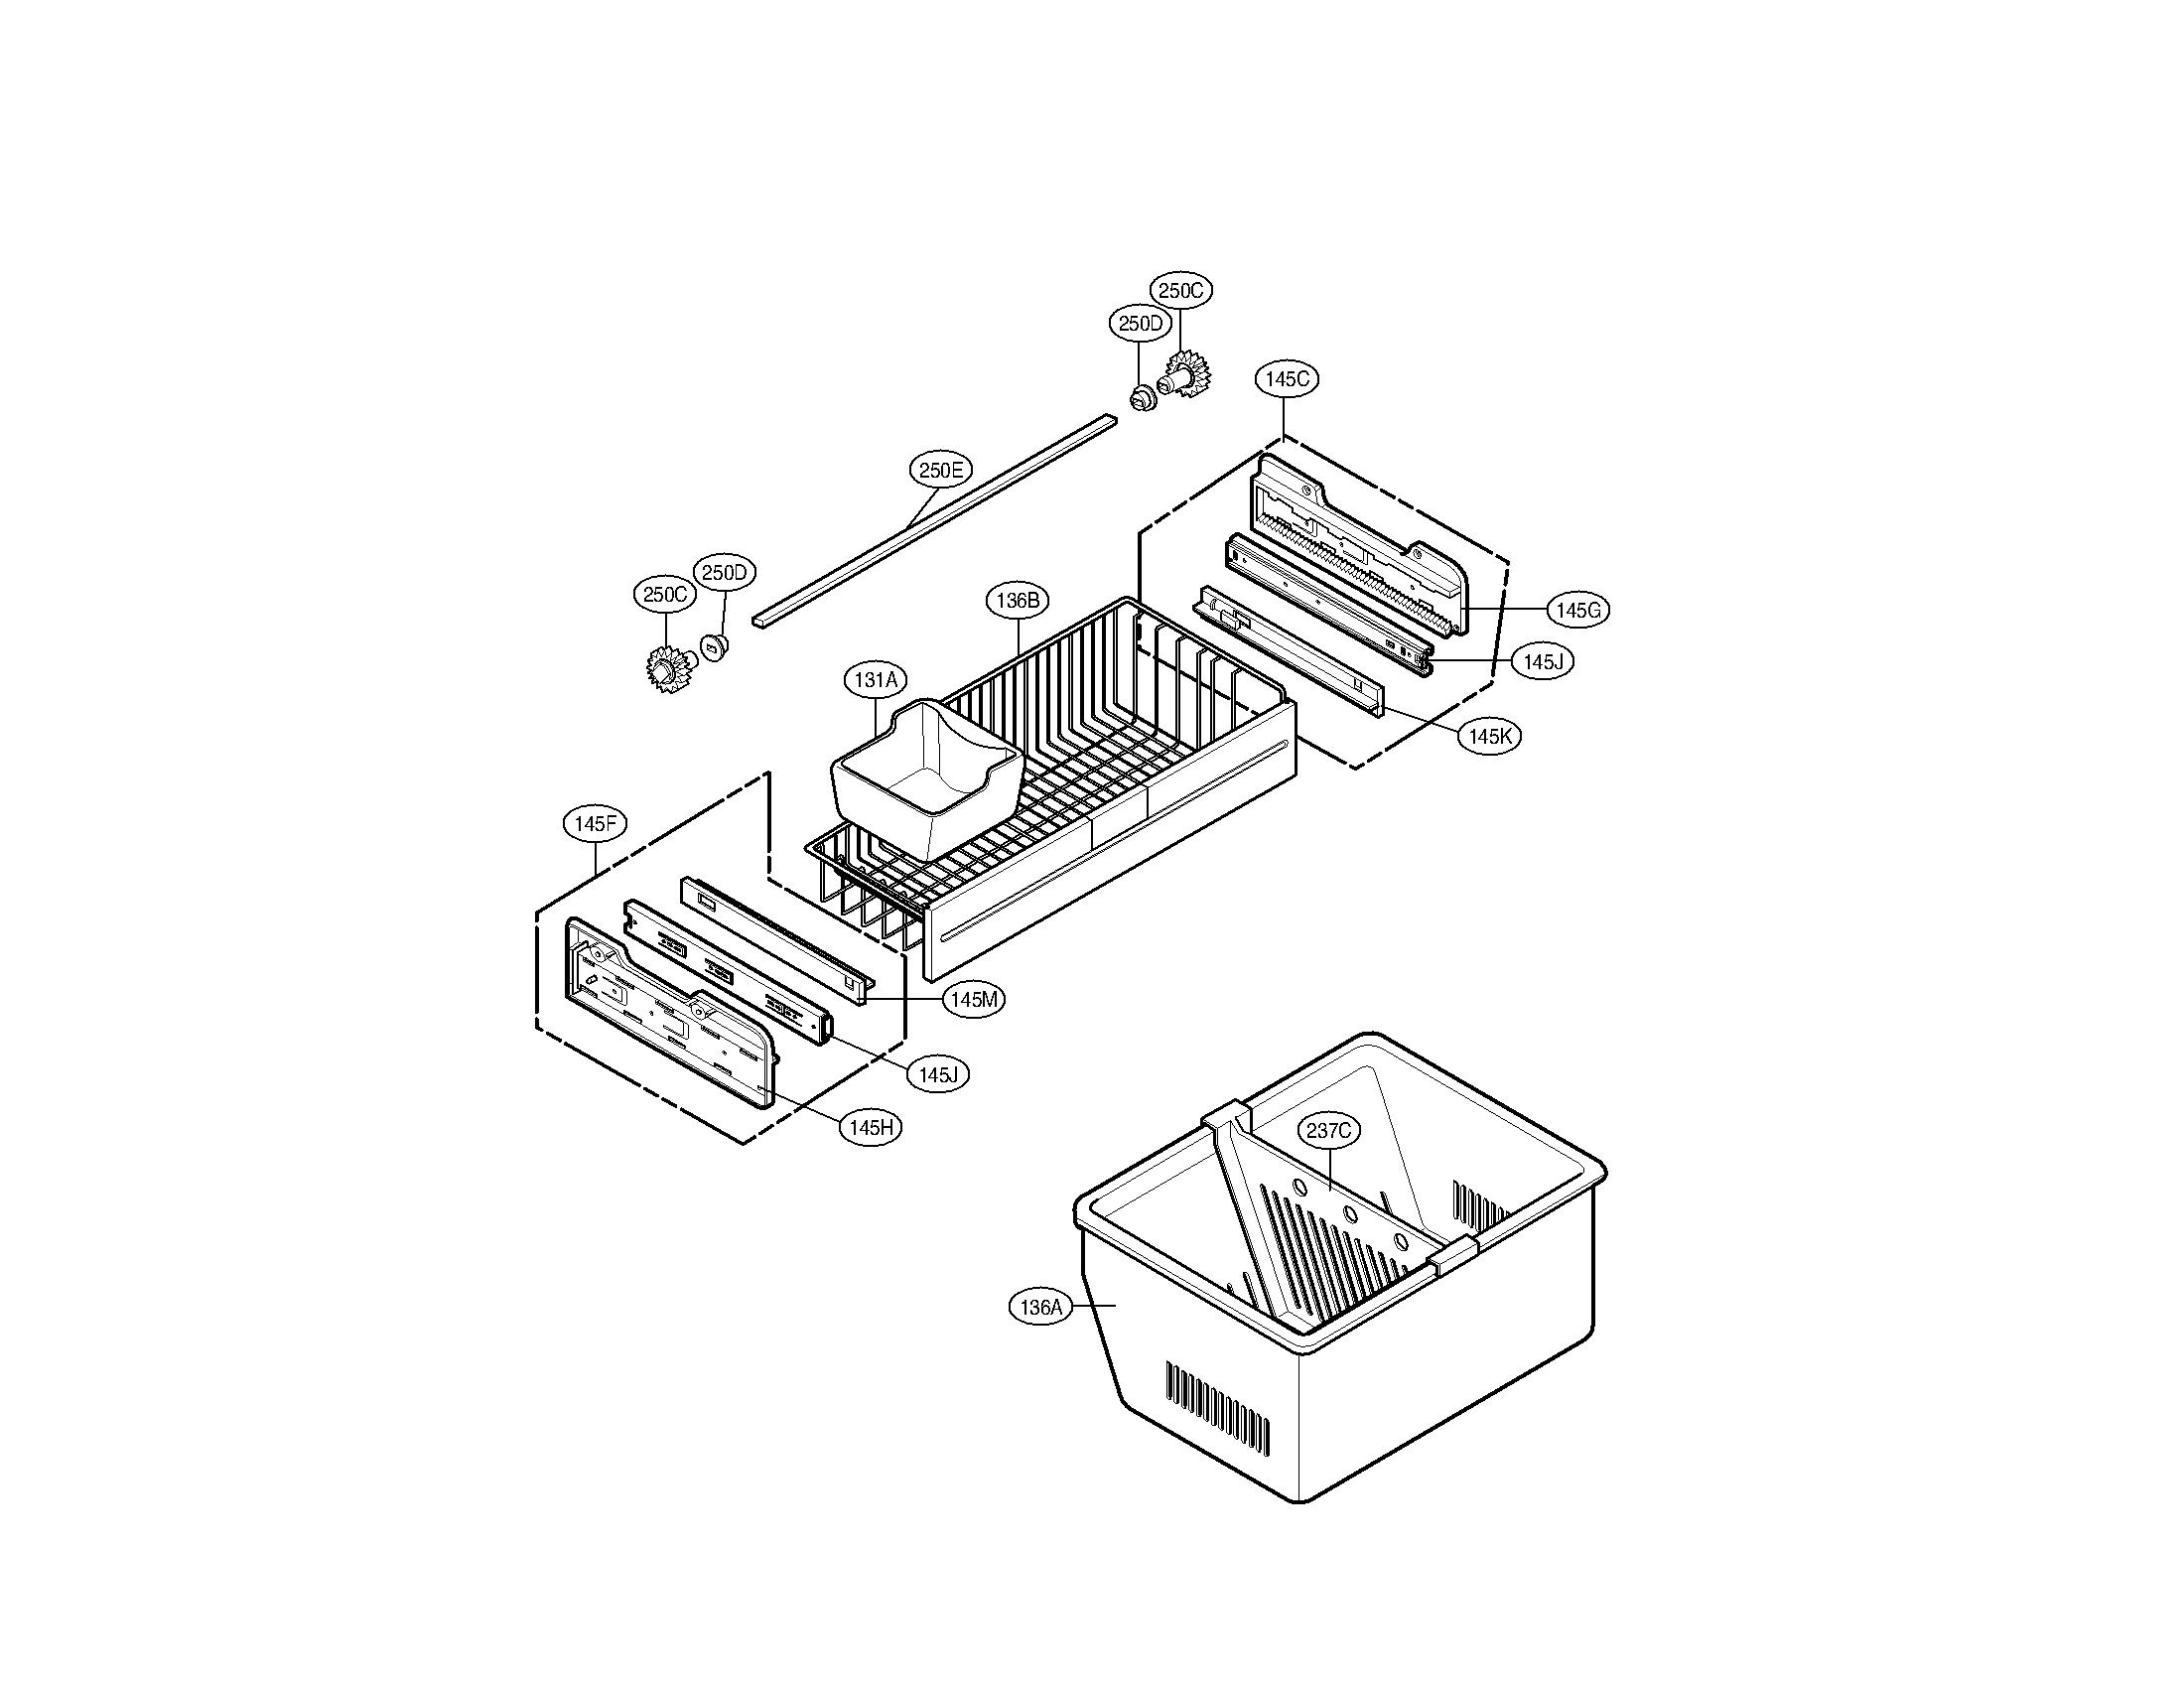 Repair Manual For Kenmore Bottom Freezer 592659290